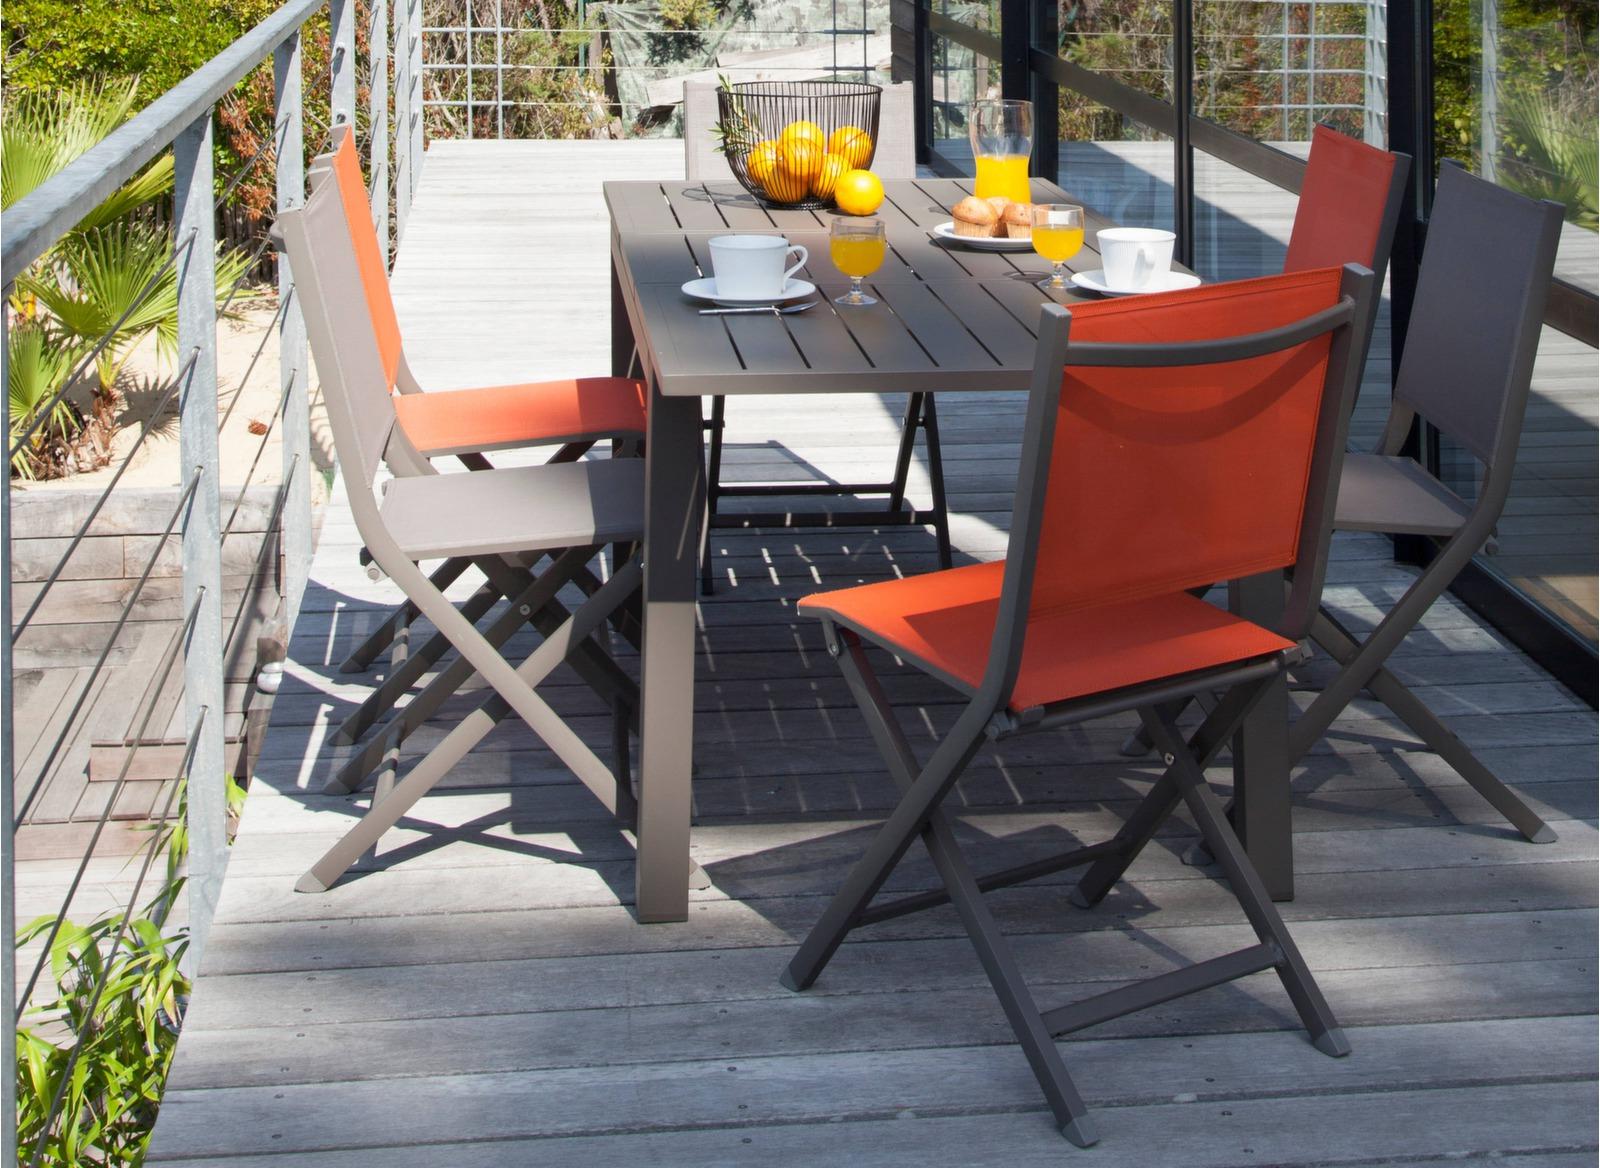 Mobilier Table Trieste Proloisirs Jardin 130180 Théma Chaises Cm6 rxQhCsdt